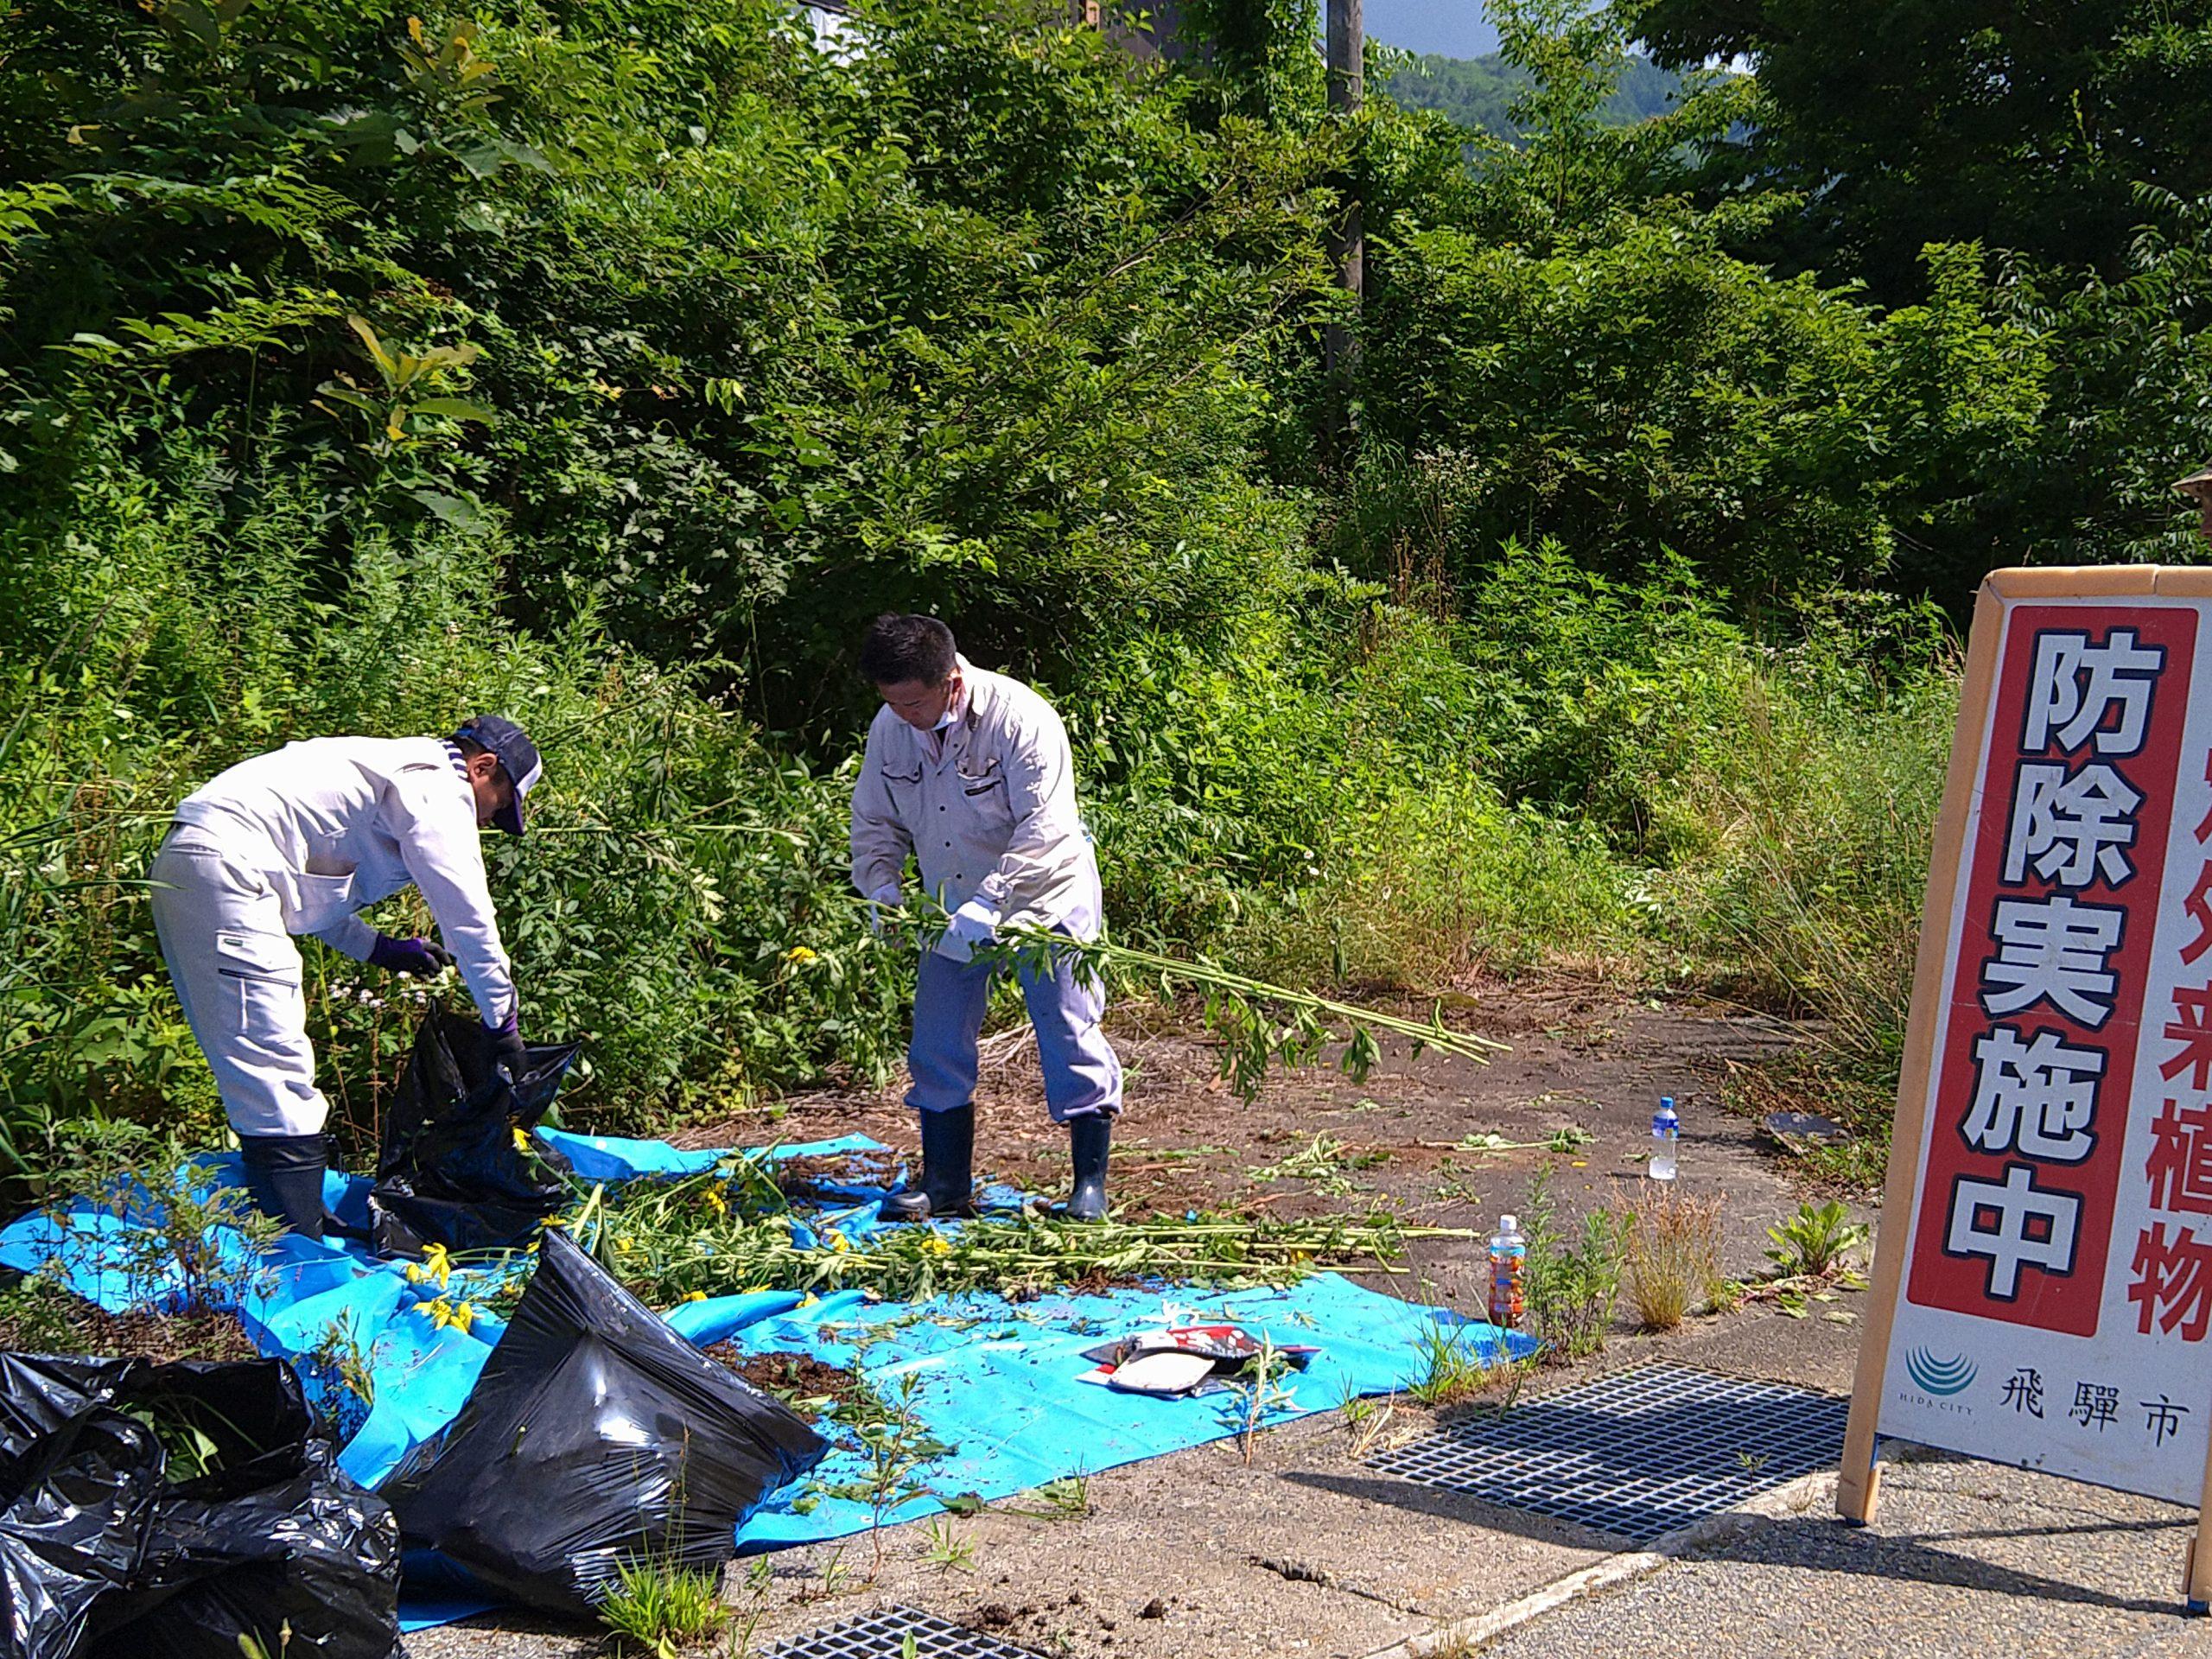 飛騨地区環境クリーンキャンペーン~特定外来種の防除作業を実施